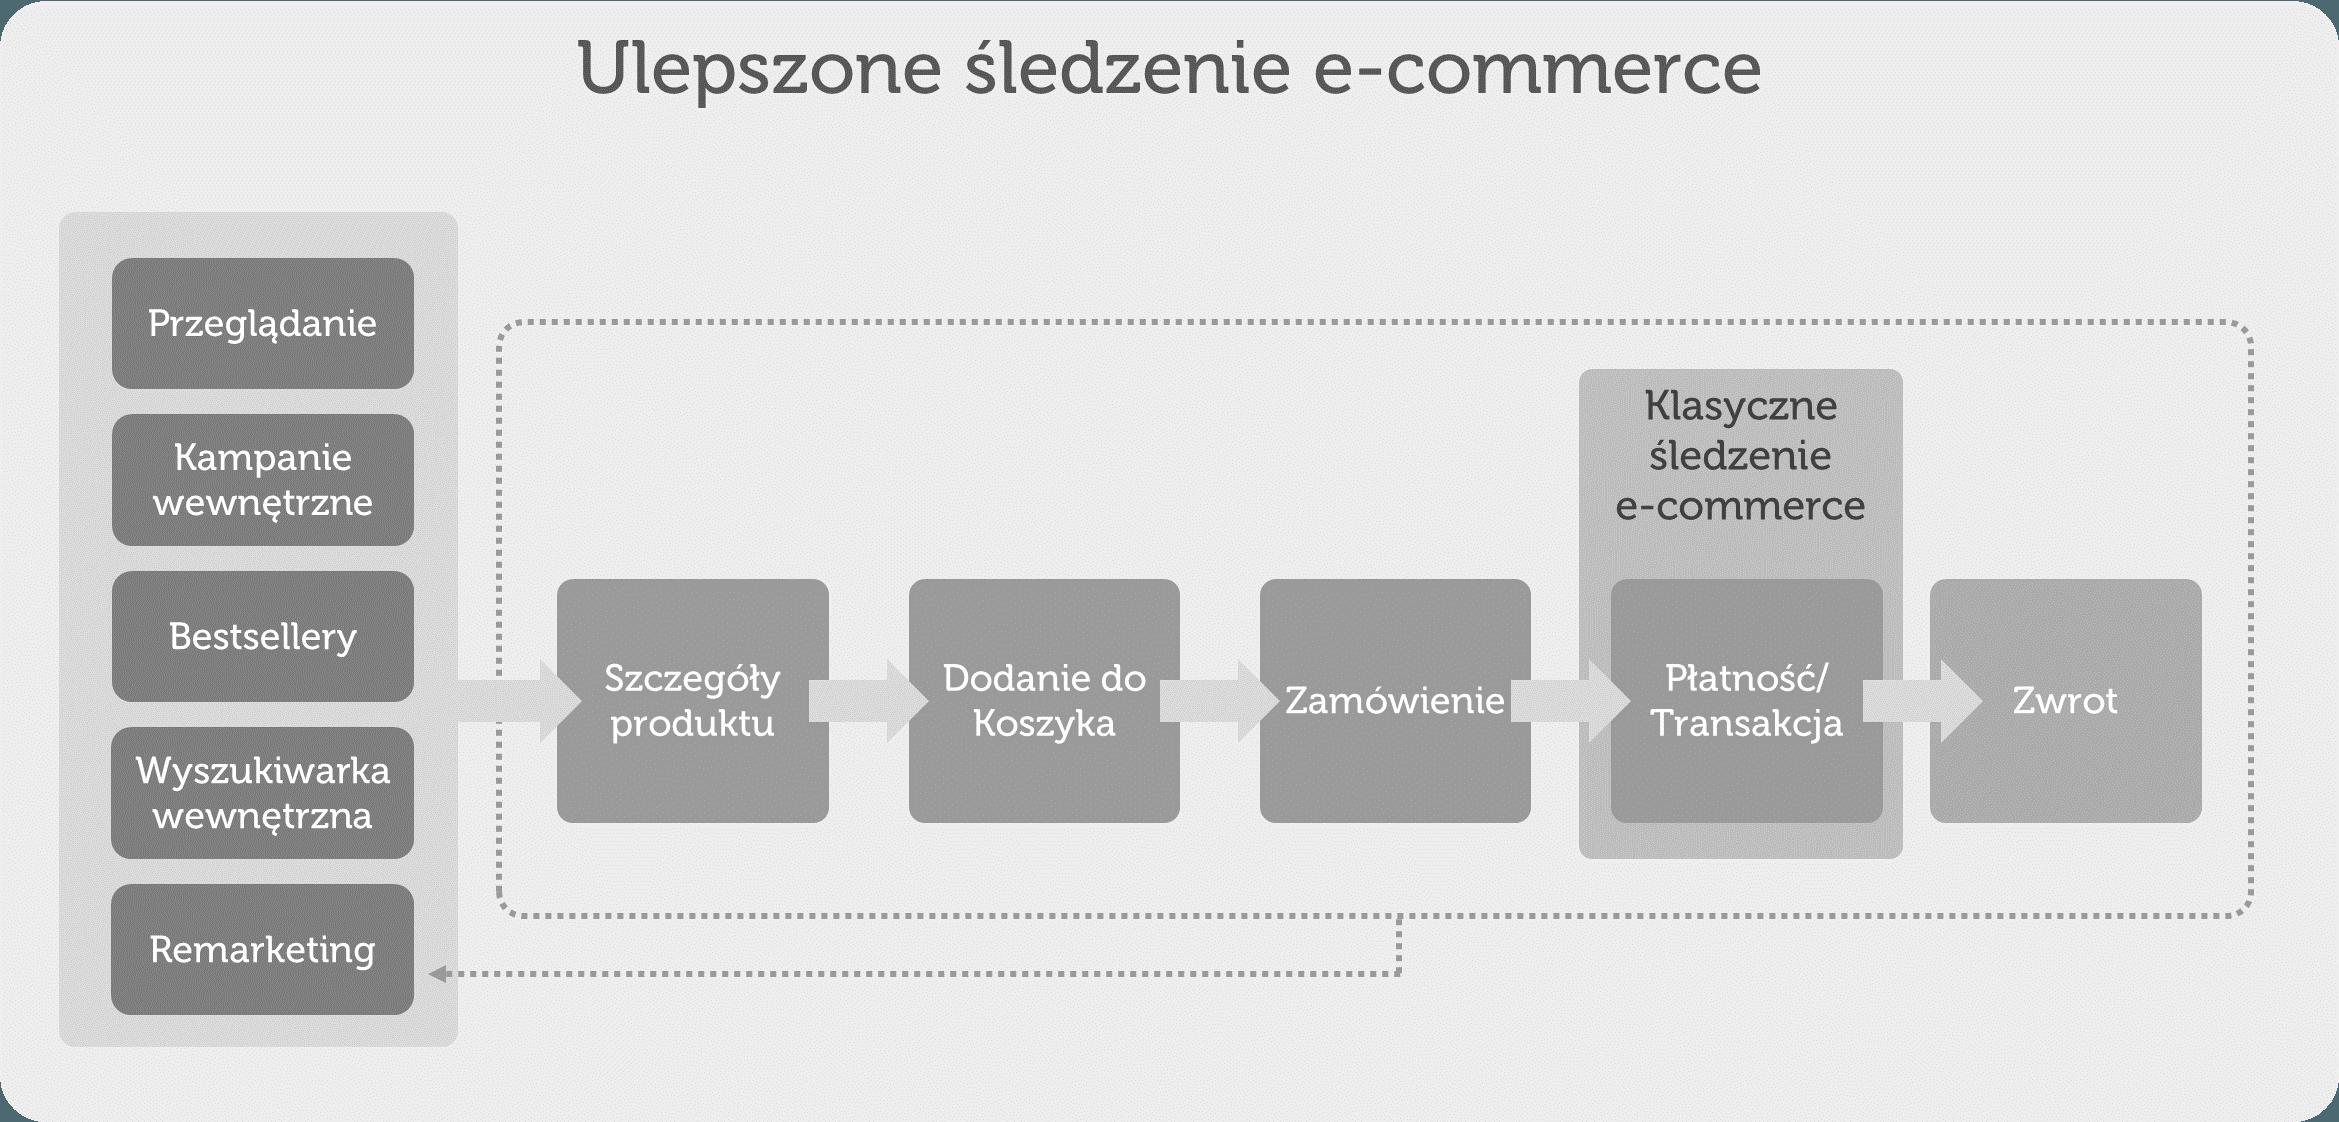 Porównanie klasycznego i ulepszonego e-commerce